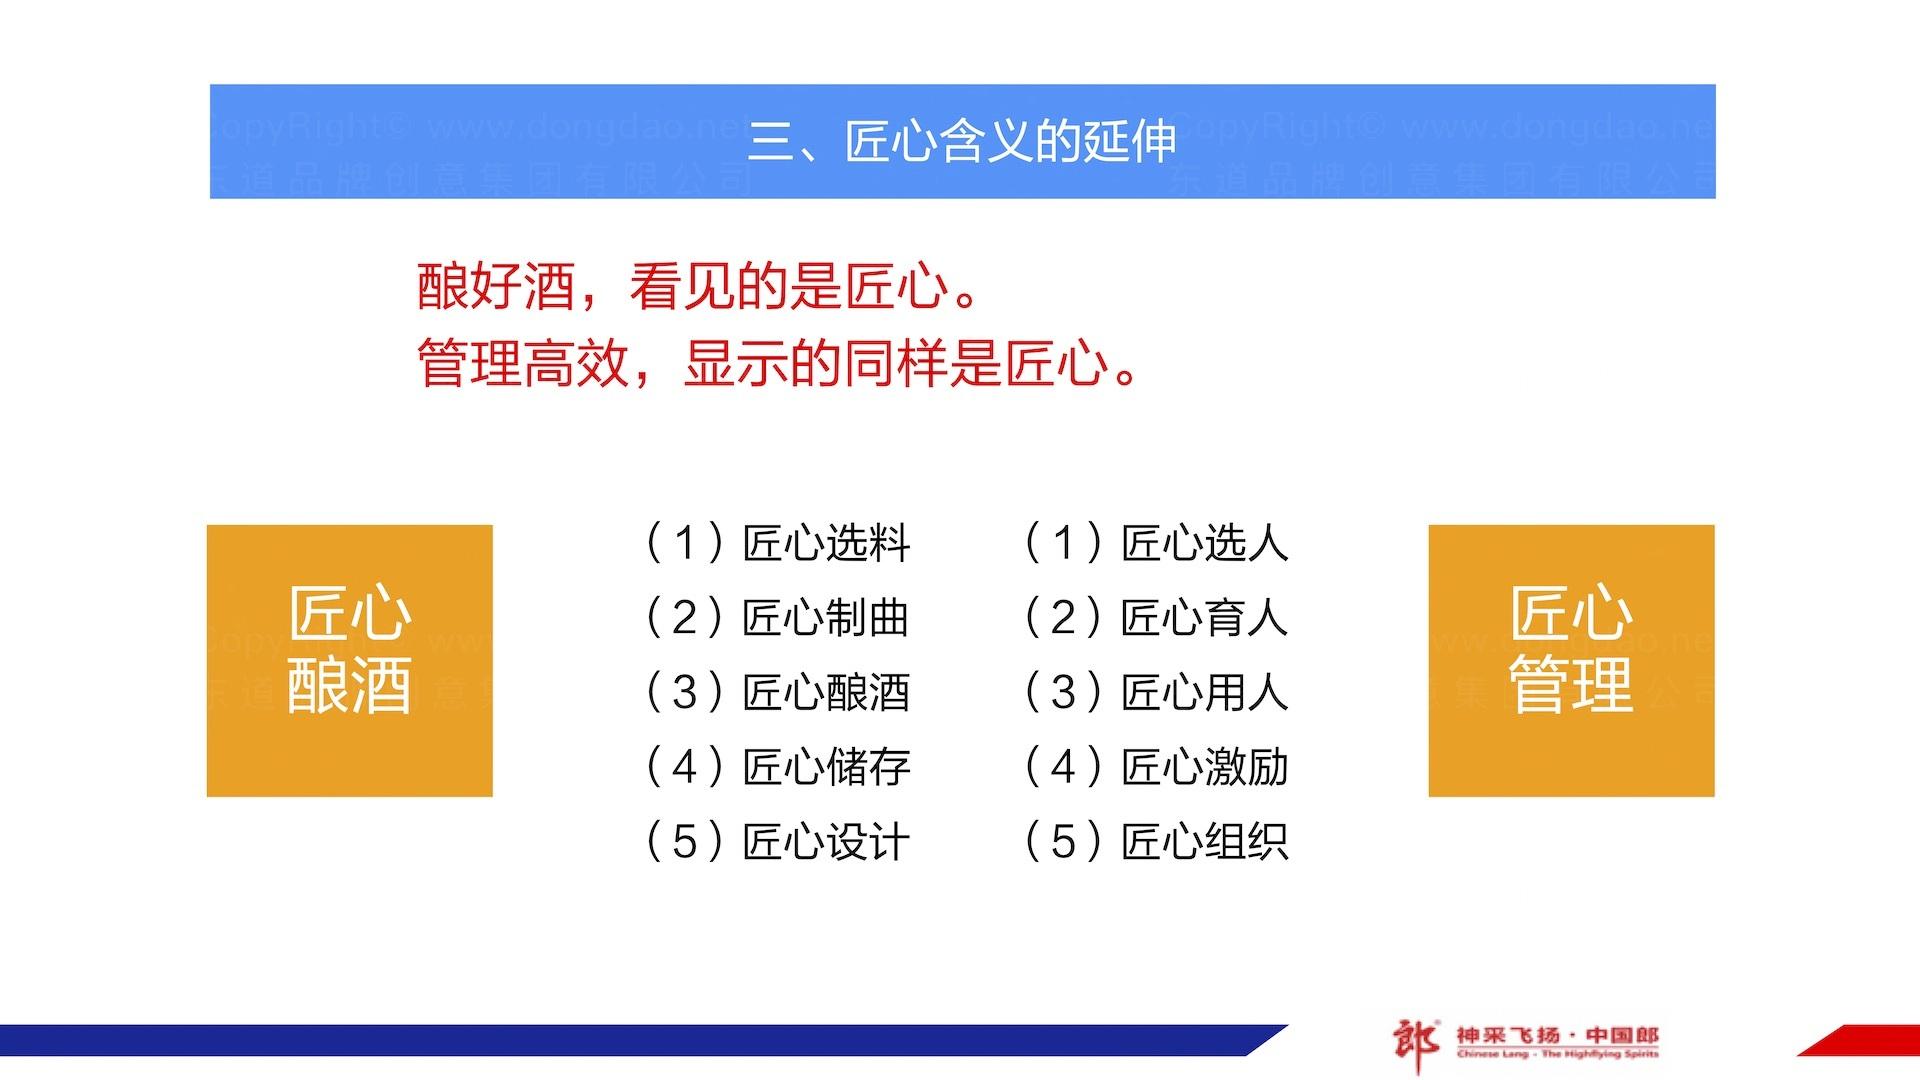 品牌战略&企业文化郎酒企业文化体系方案应用场景_12